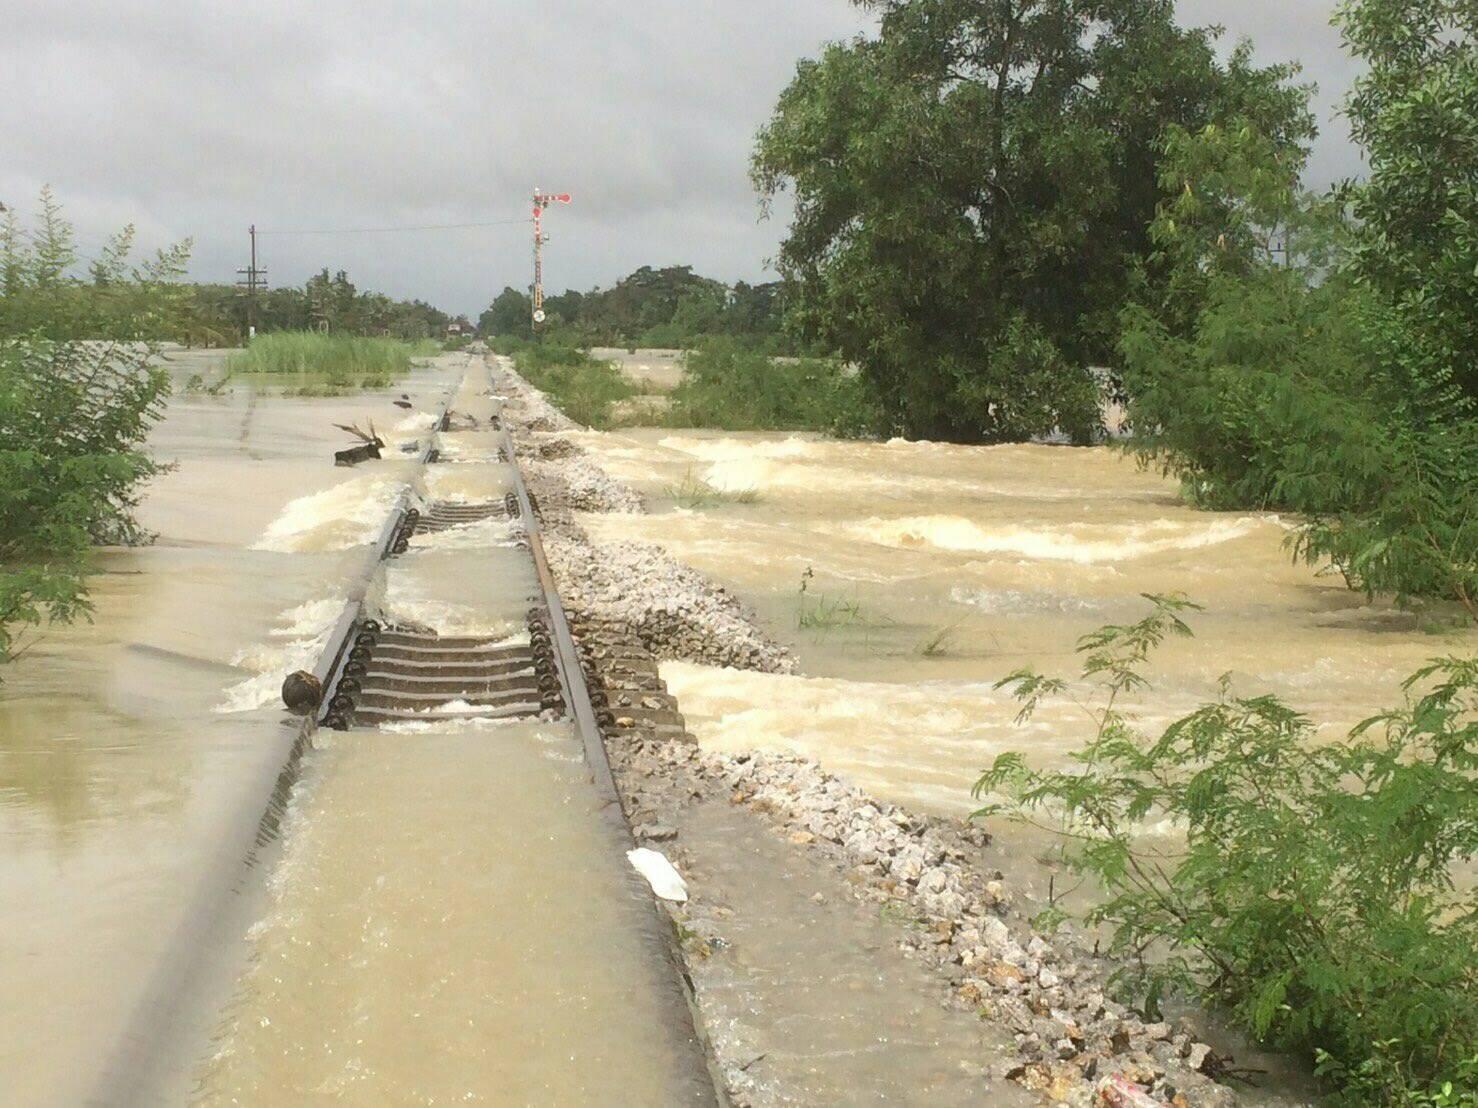 การรถไฟฯ แจงปรับเส้นทางรถไฟสายใต้ หลังเกิดน้ำท่วมหนัก